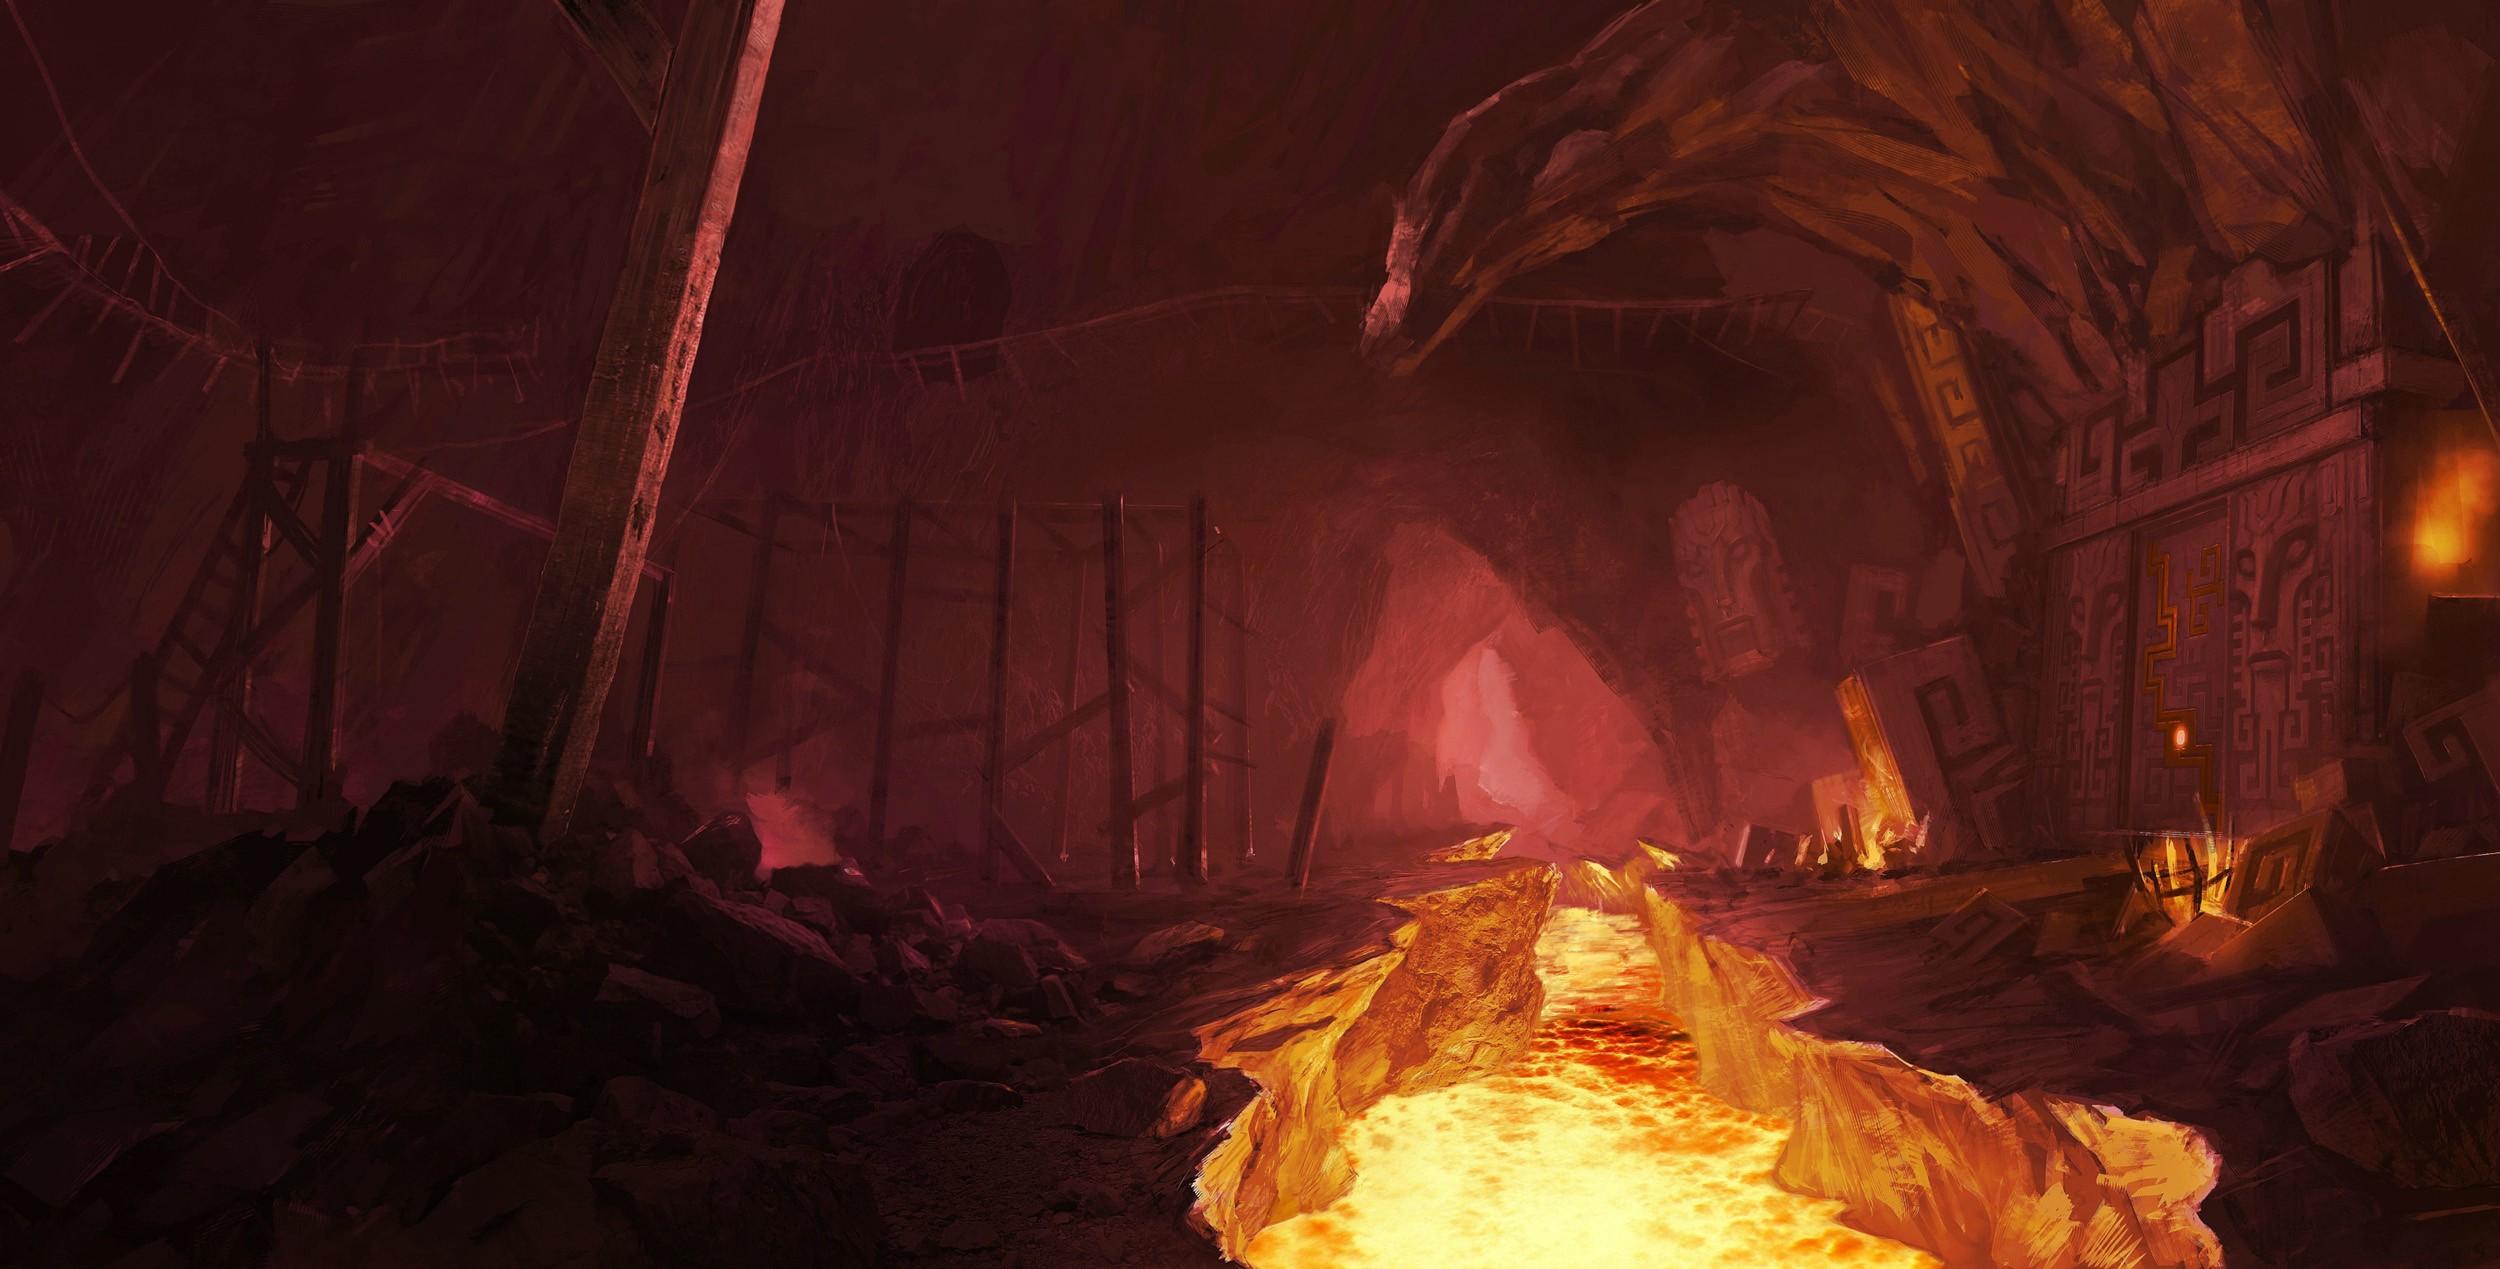 Castlevania-LordsofShadow-MirrorofFate 3DS Visuel 010